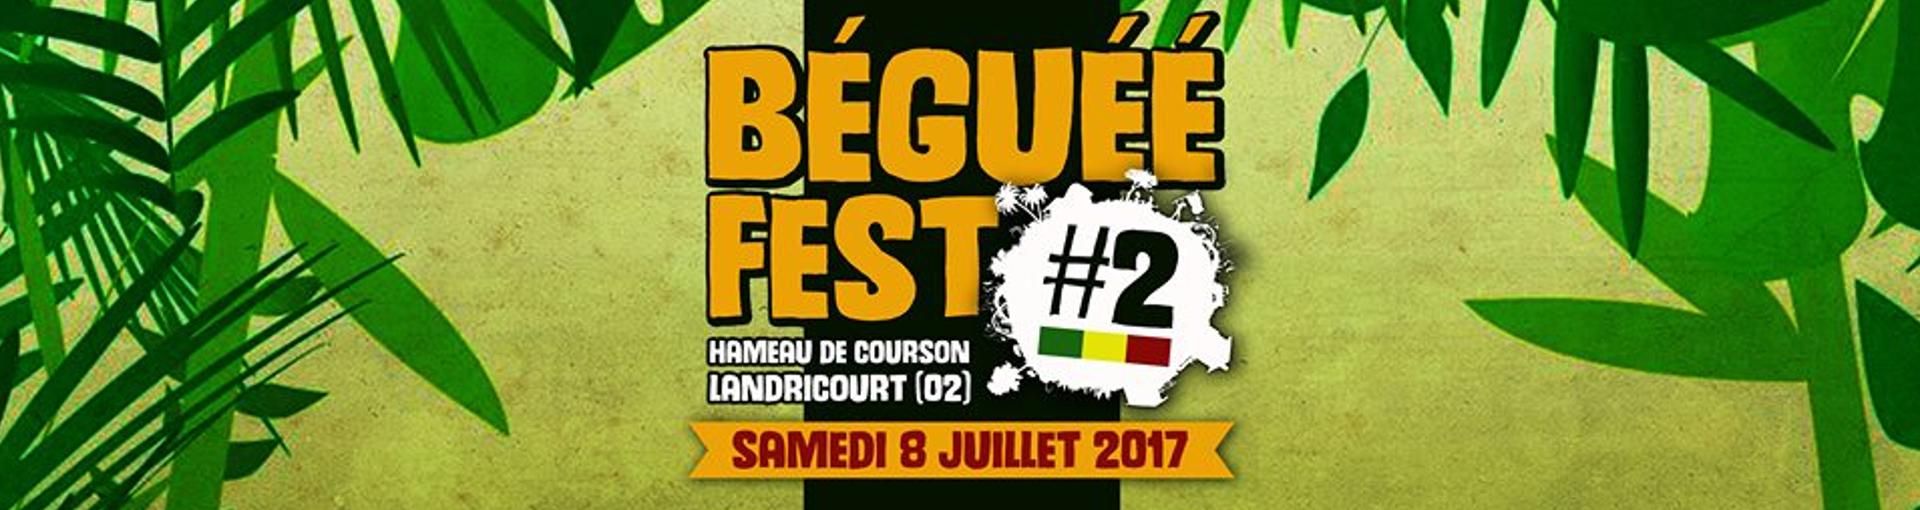 BEGUEE FEST // HAMEAU DE COURSON - LANDRICOURT (02) // 8 JUILLET